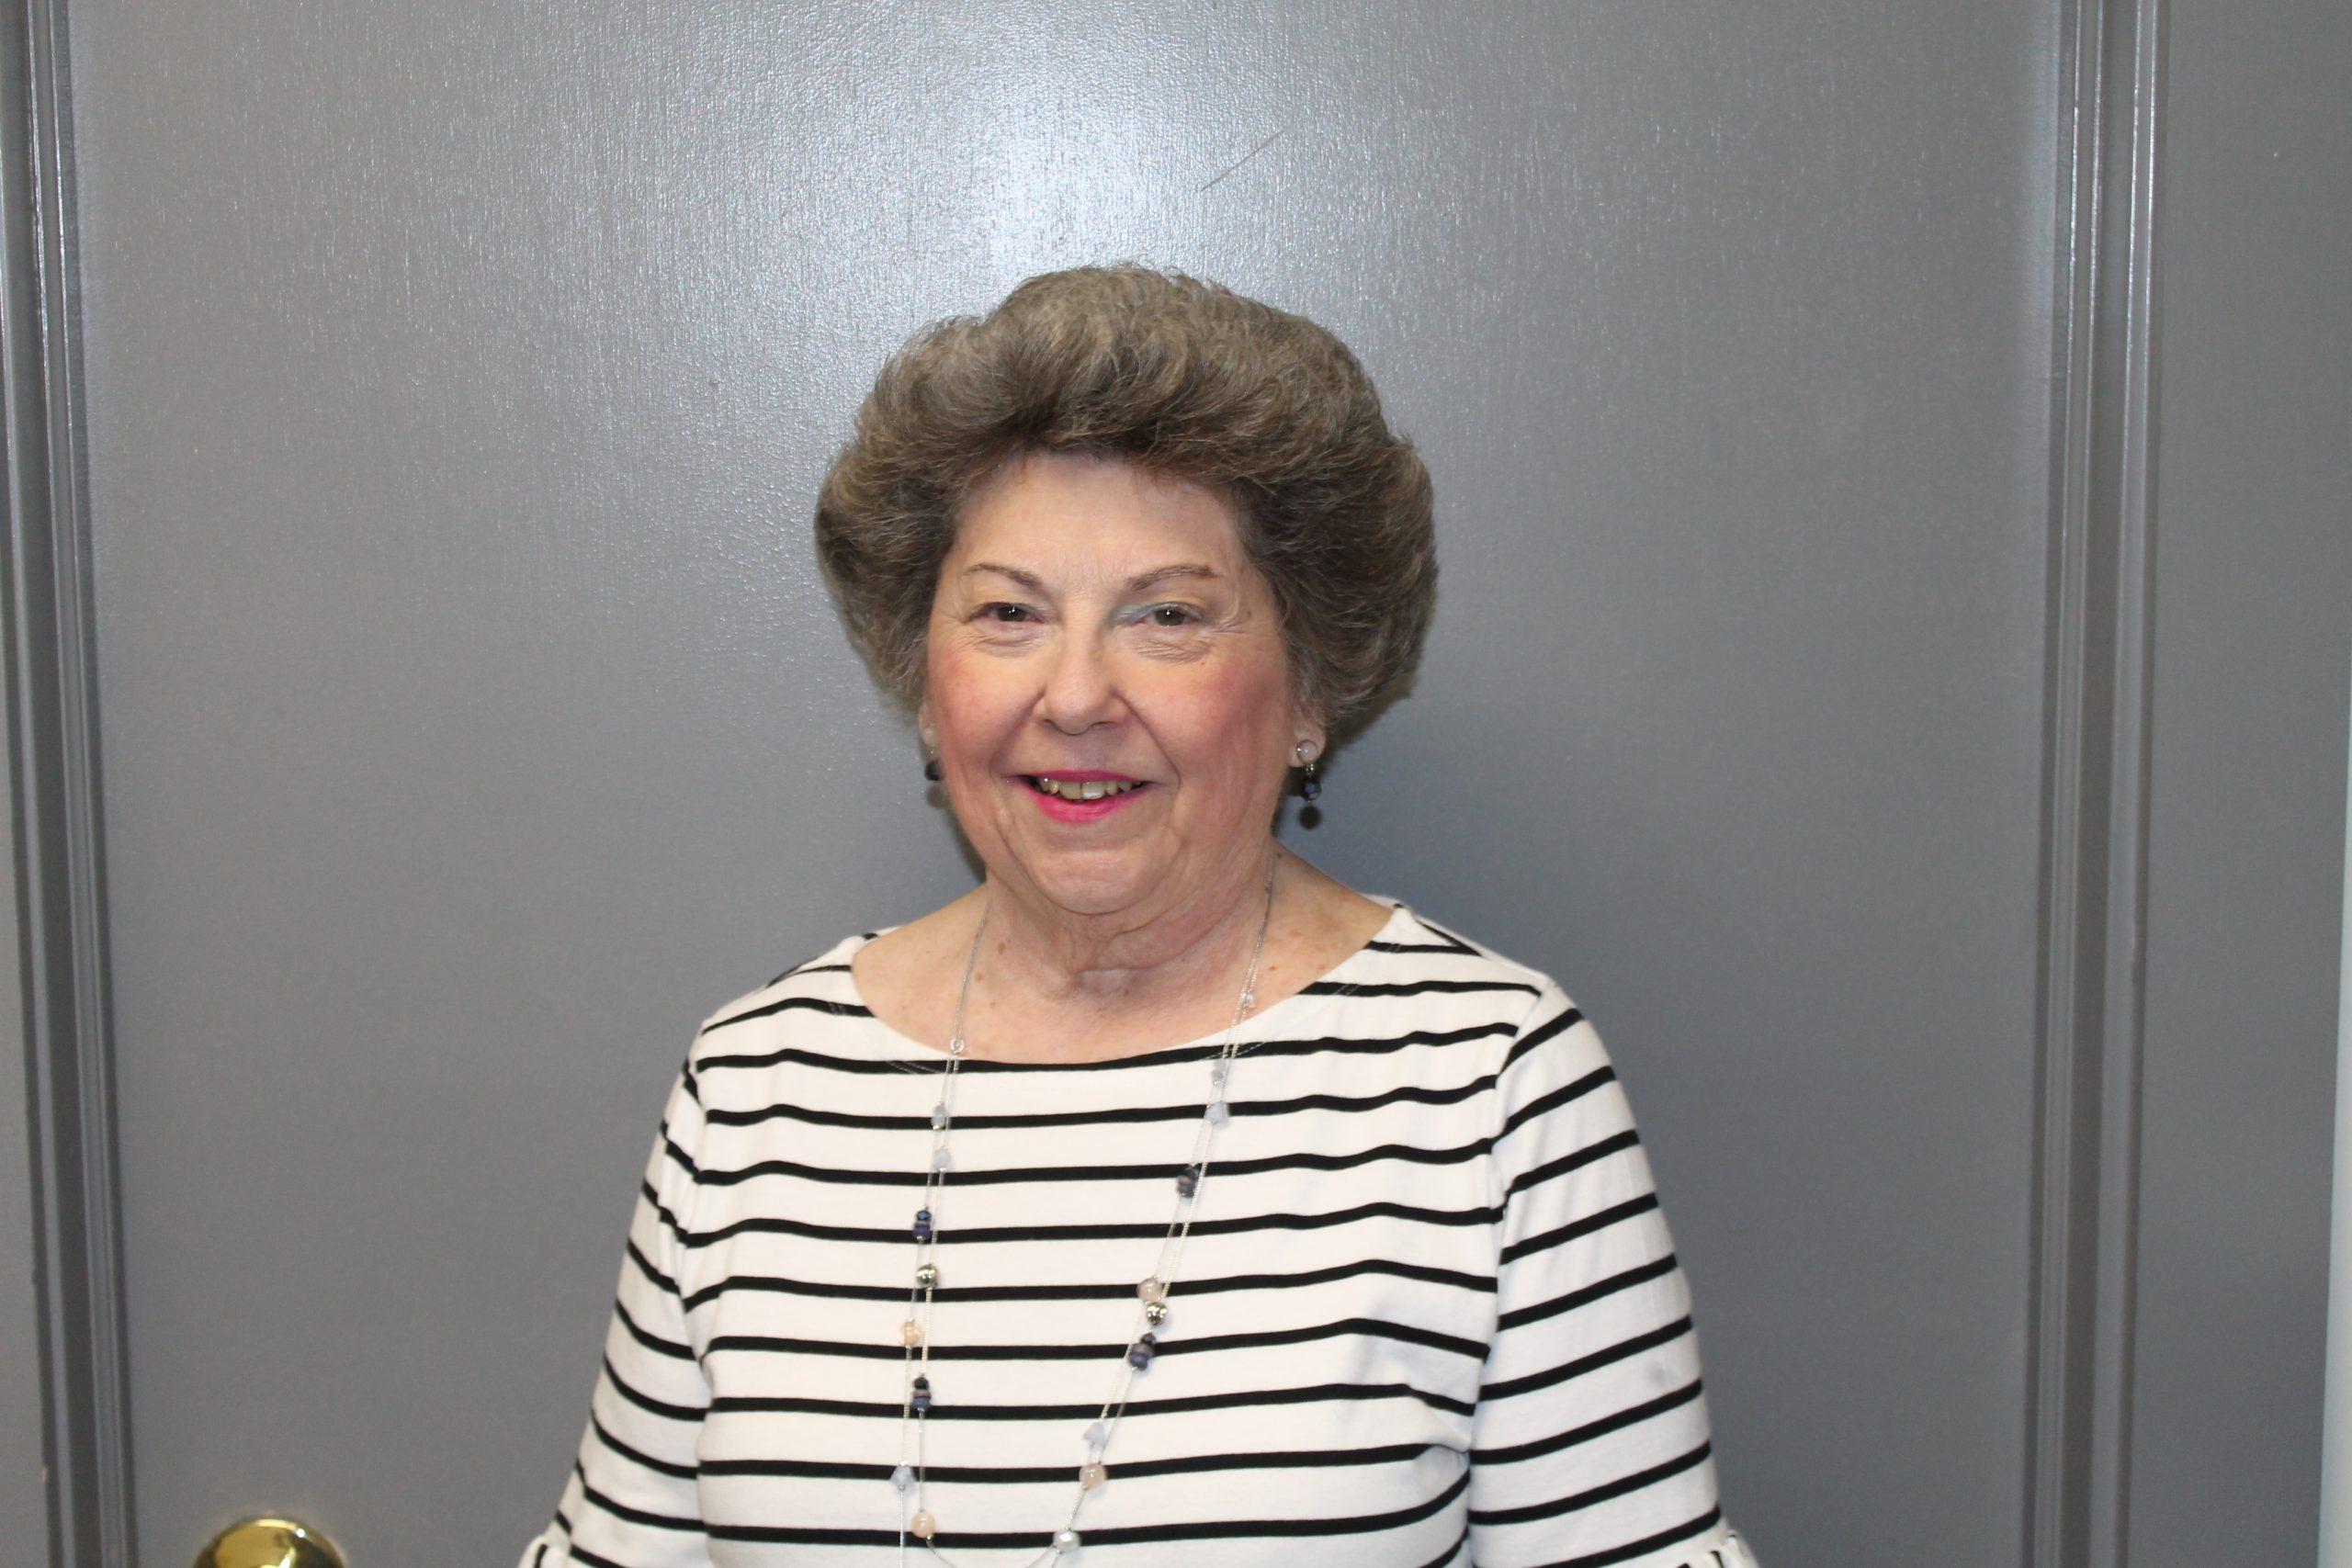 Mrs. Mary Jo Wuestefeld